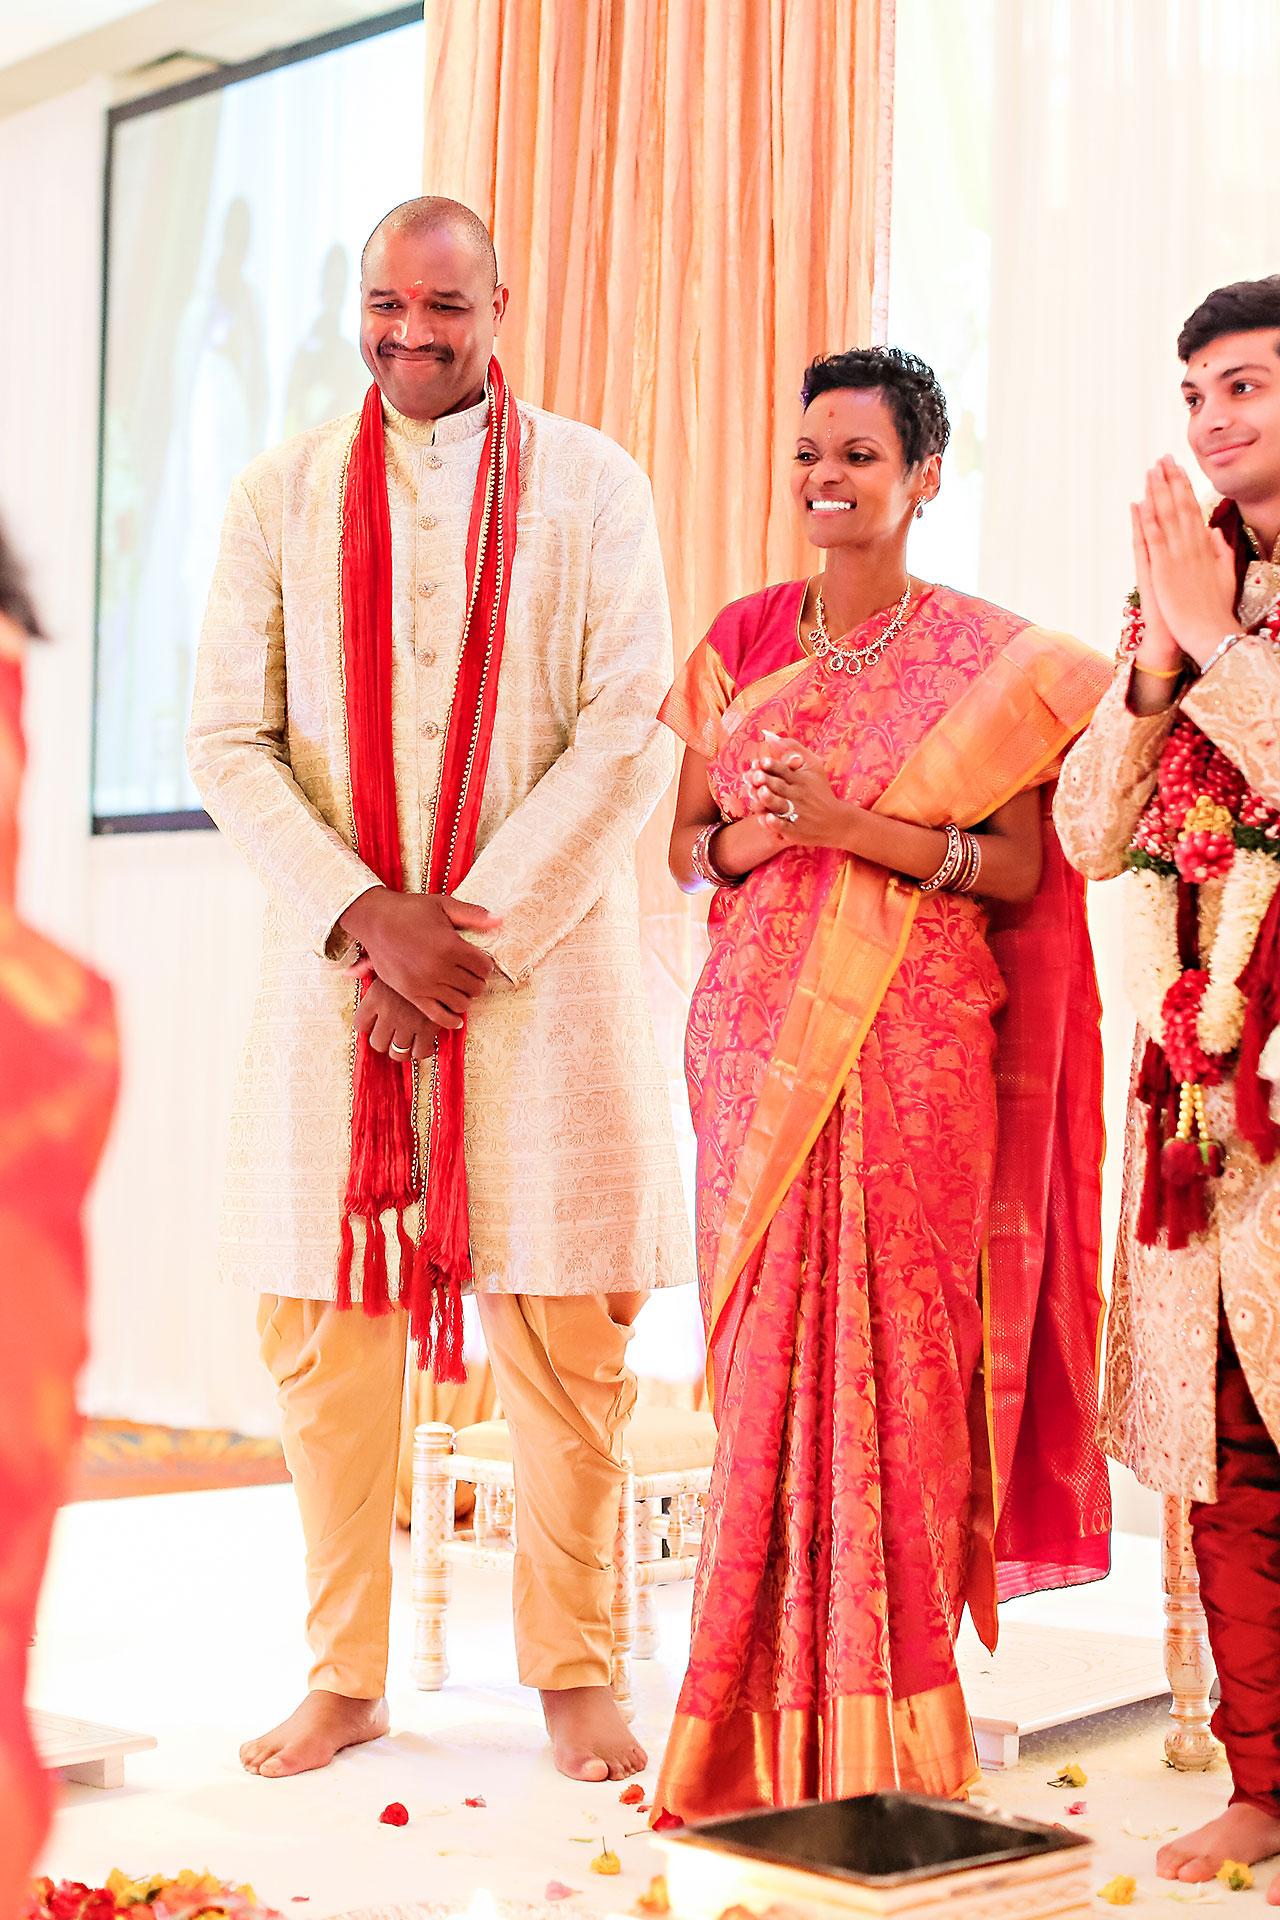 Joie Nikhil JW Marriott Indian Wedding 301